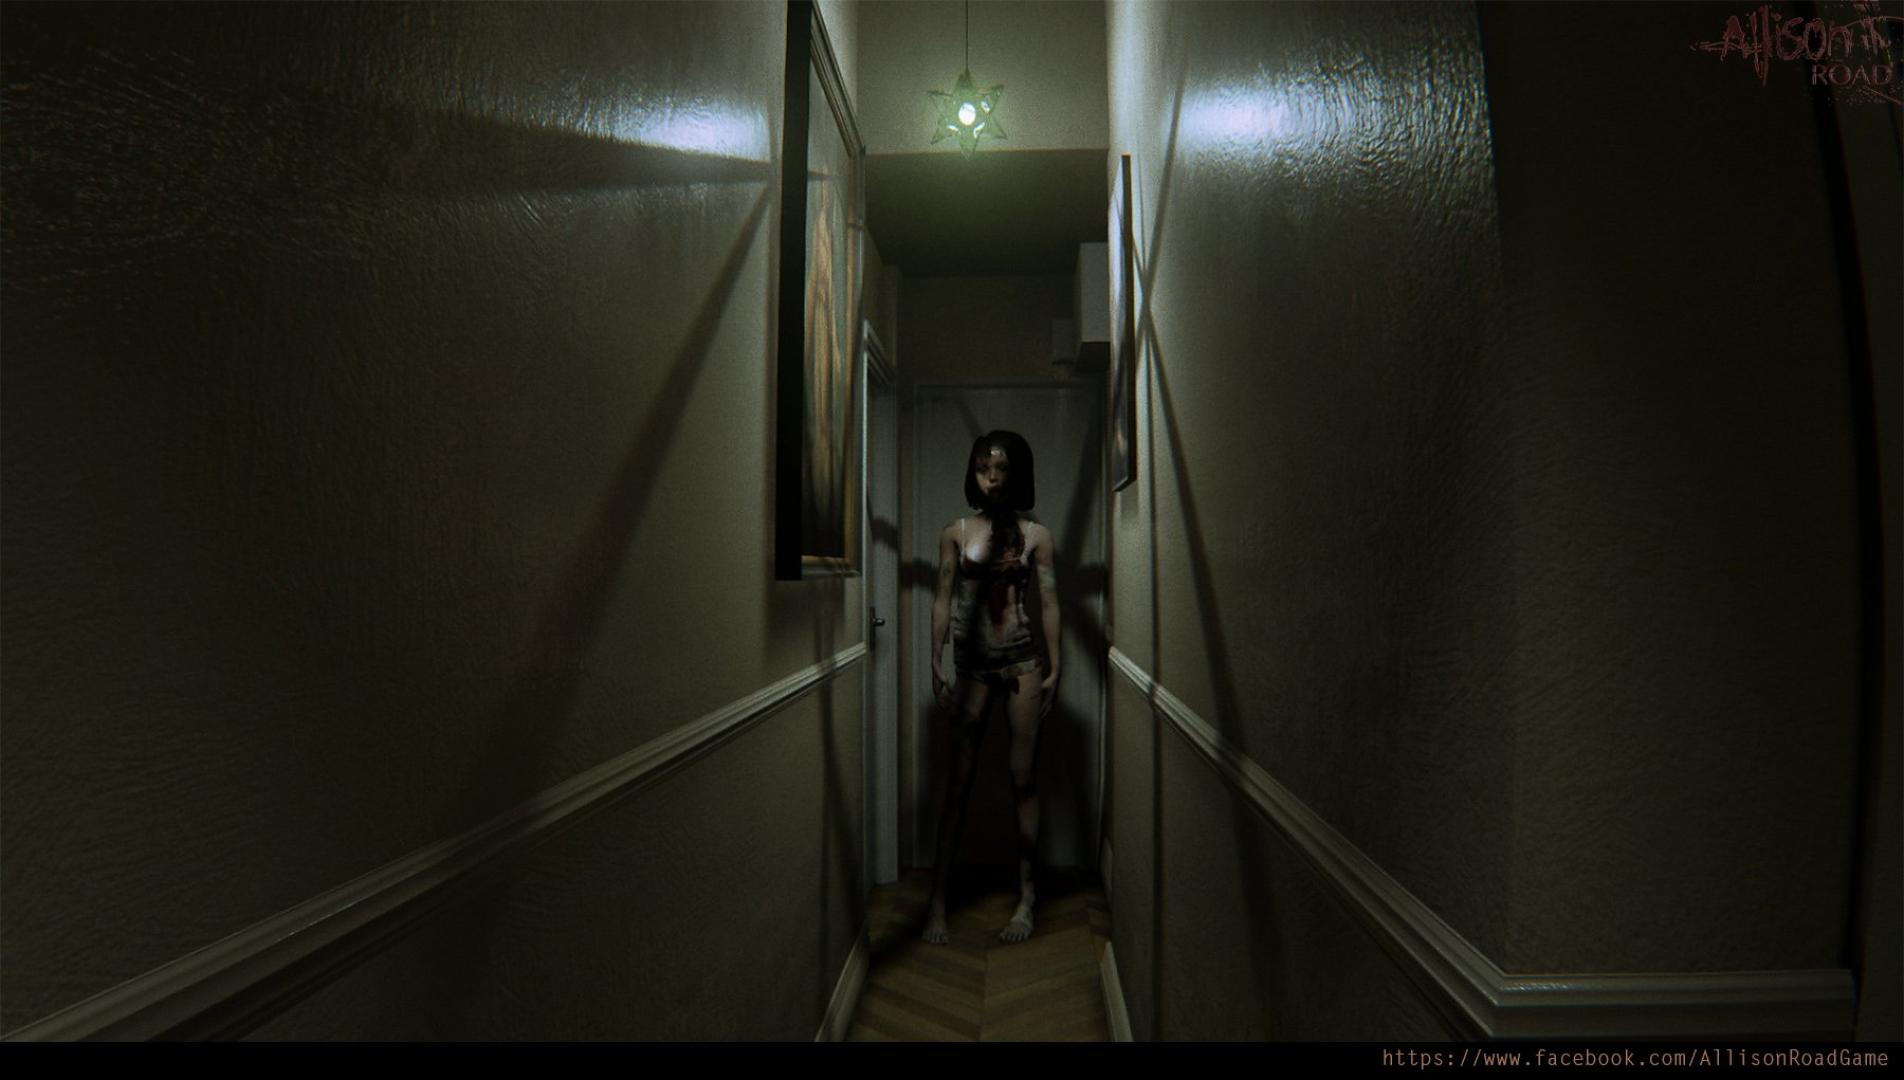 13 perc az Allison Road horrorjátékból